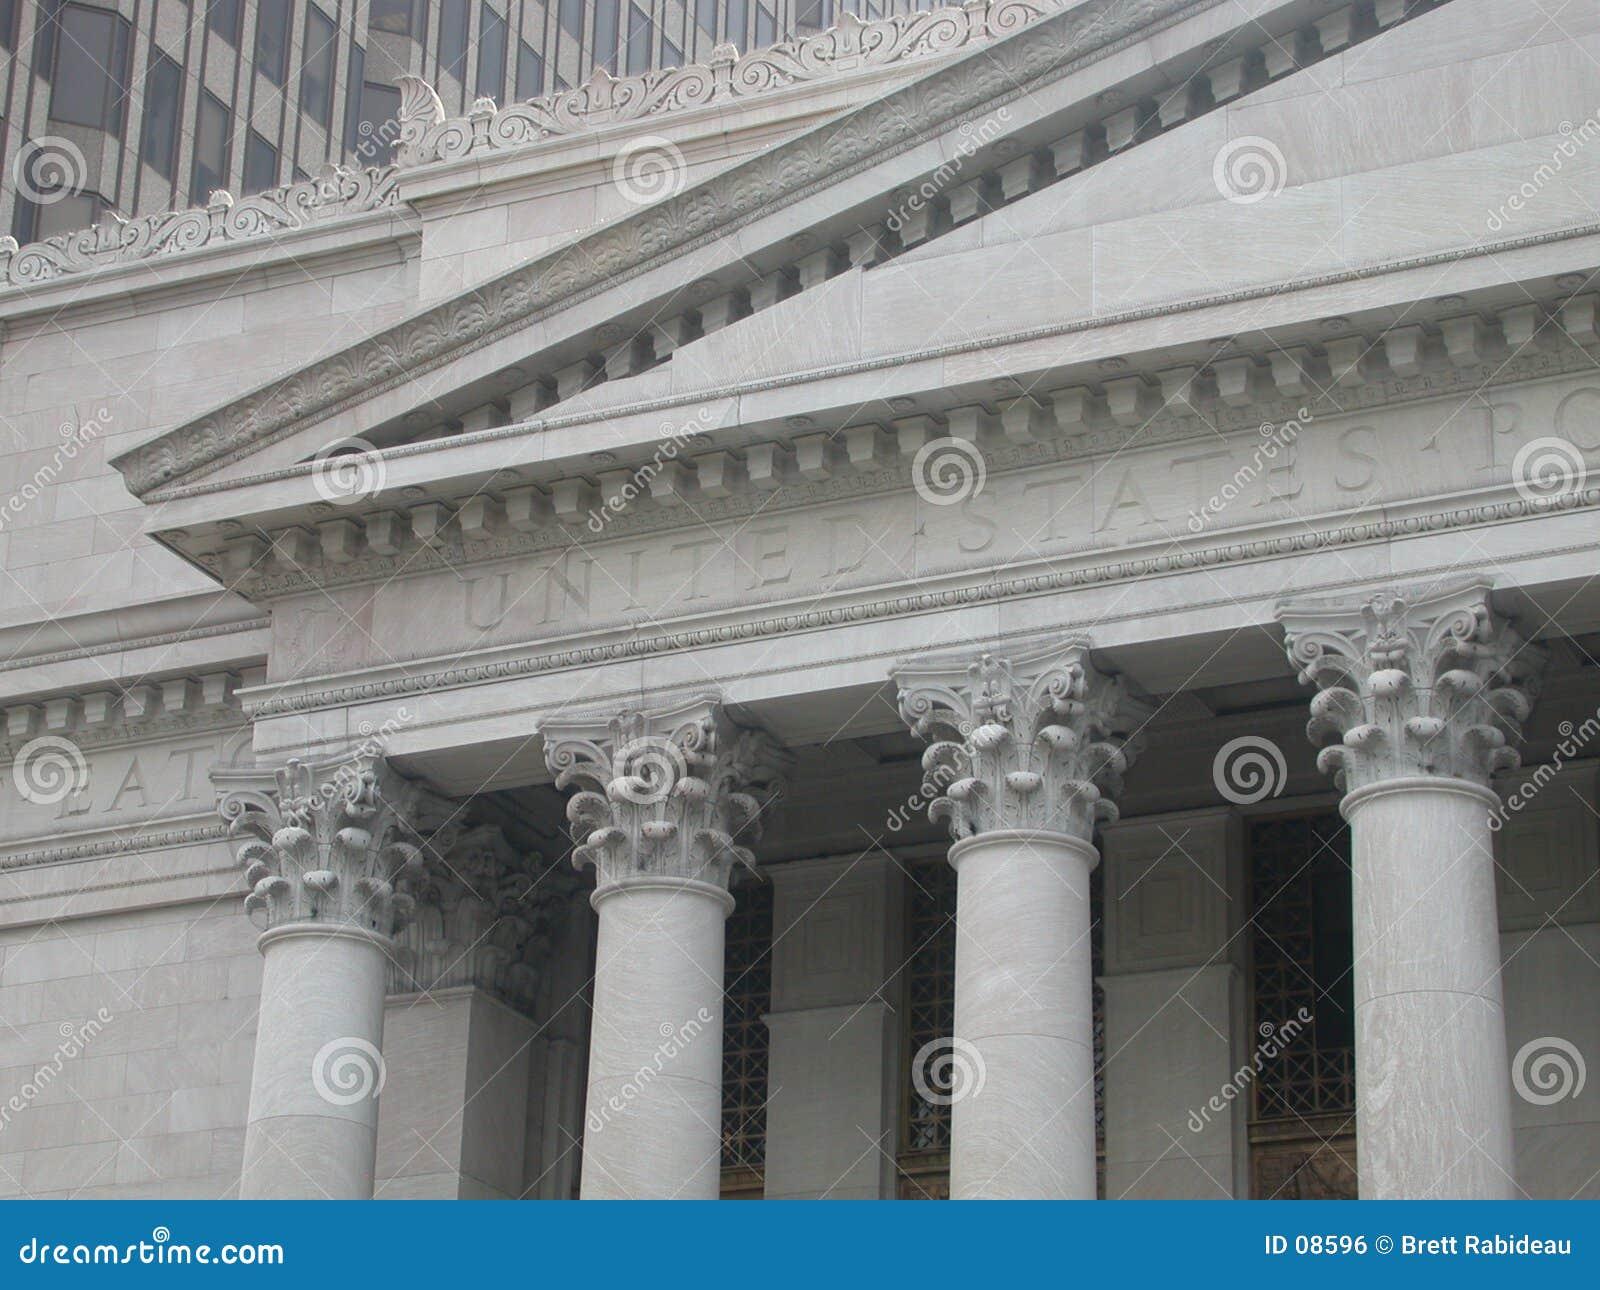 Alvenaria ornamentado